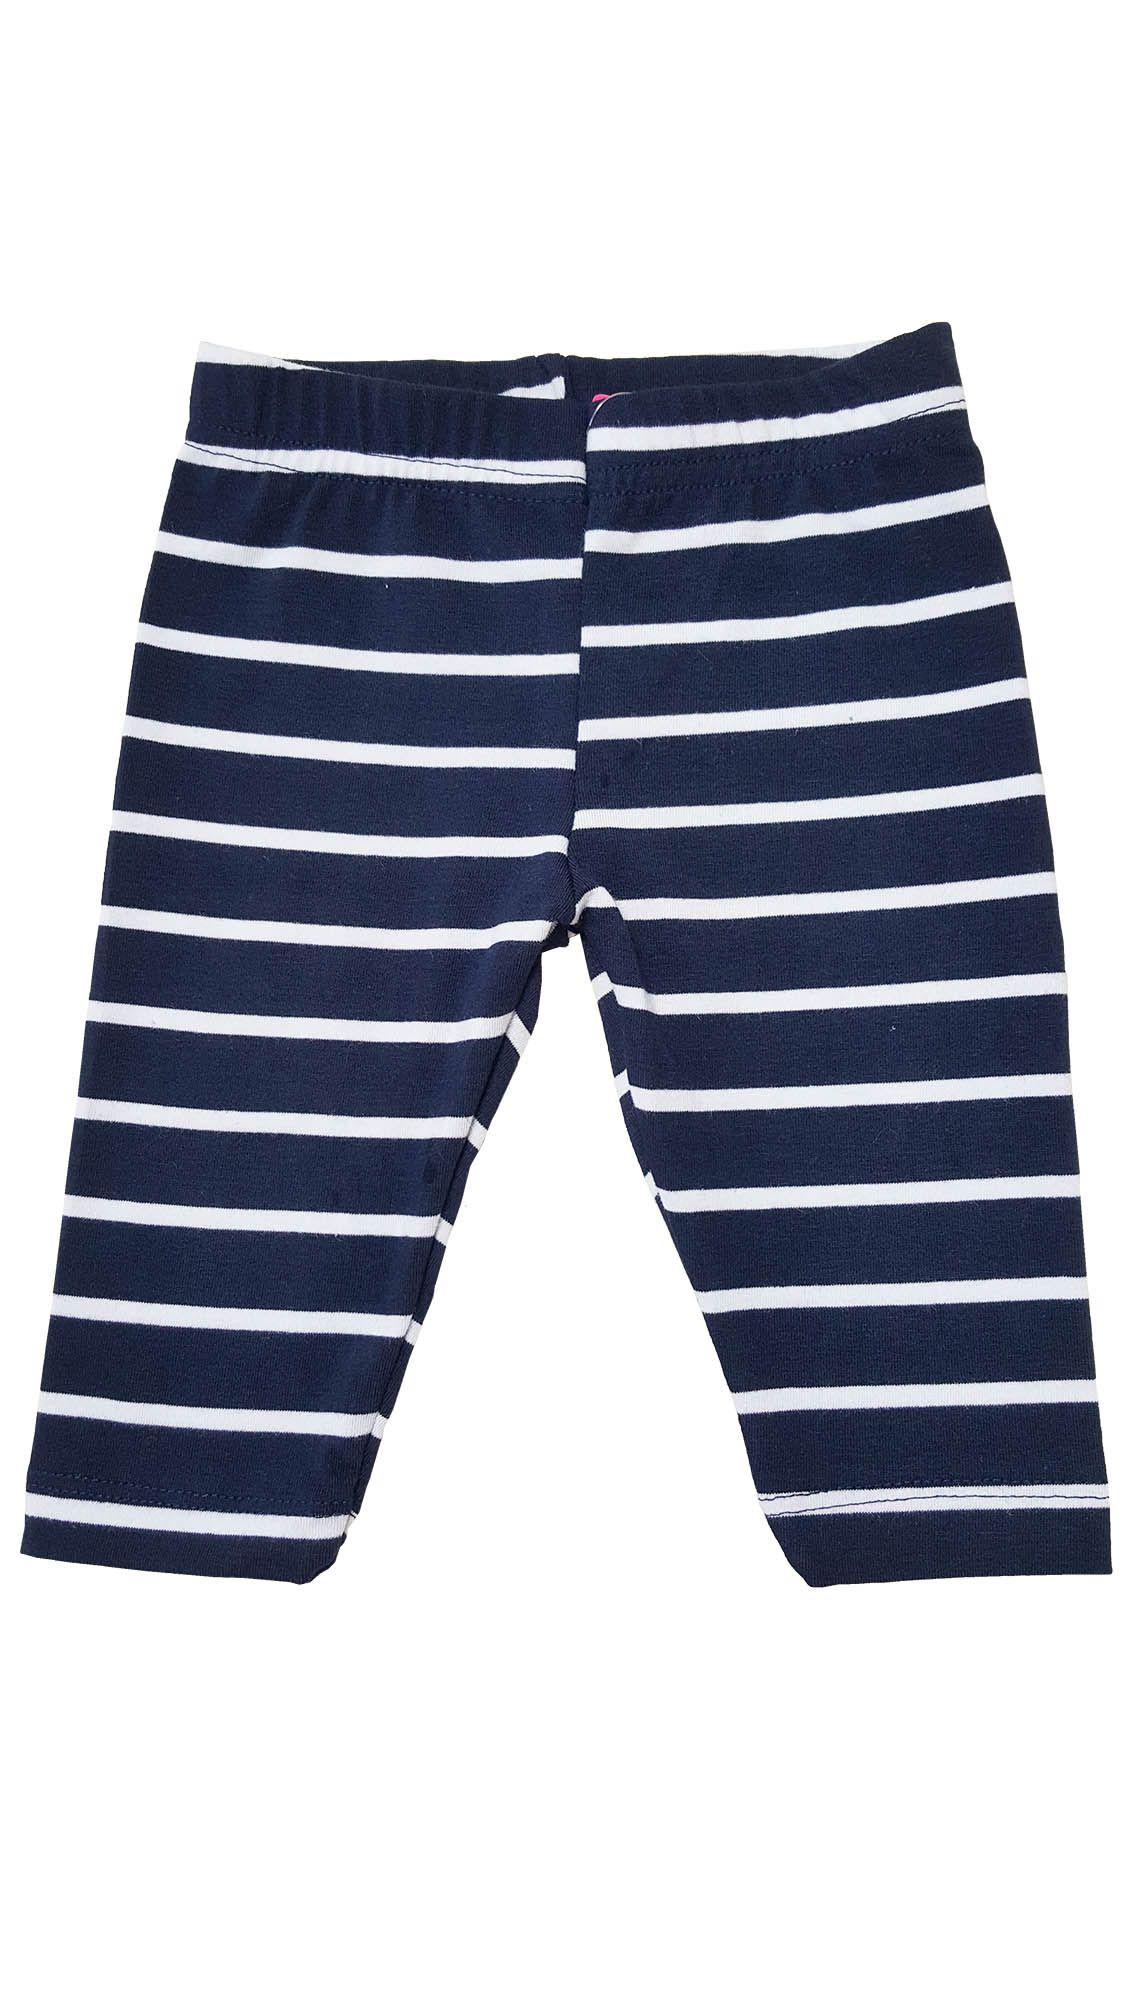 Legging Infantil Capri Primeiros Passos TMX  Listras Marinho